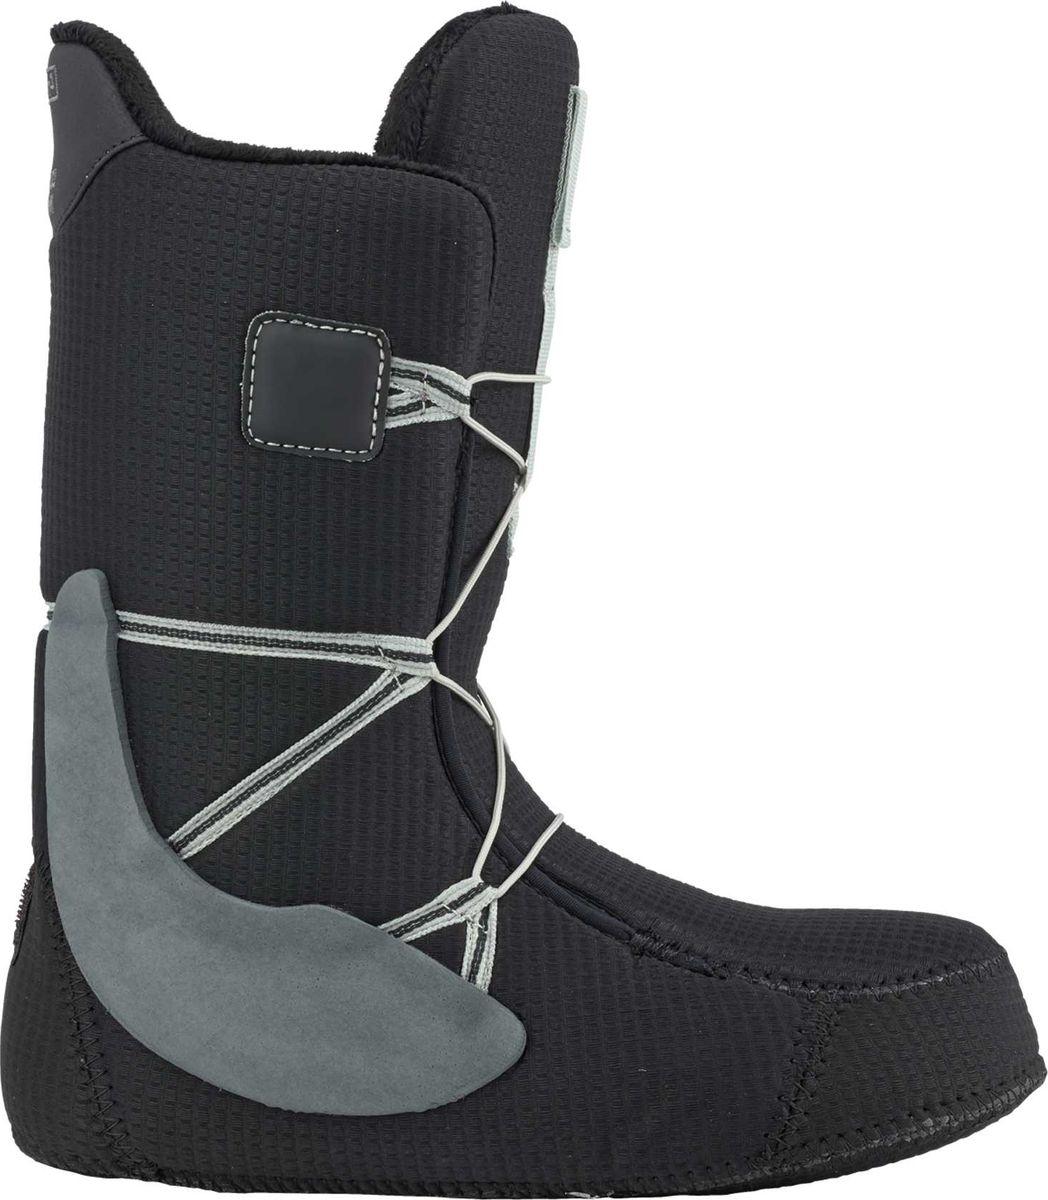 Ультра-легкая подошва с отличной амортизацией, конструкция Total Comfort, которая подразумевает максимальное удобство с первого дня   использования без необходимости разнашивать ботинок и конечно же быстрая и удобная шнуровка Boa Coiler. Одна из самых популярных моделей не только в коллекции брэнда, но и вообще в мире! Большинство райдеров делали свои первые шаги в сноубординге вместе с этими ботинками.        Как выбрать сноуборд. Статья OZON Гид